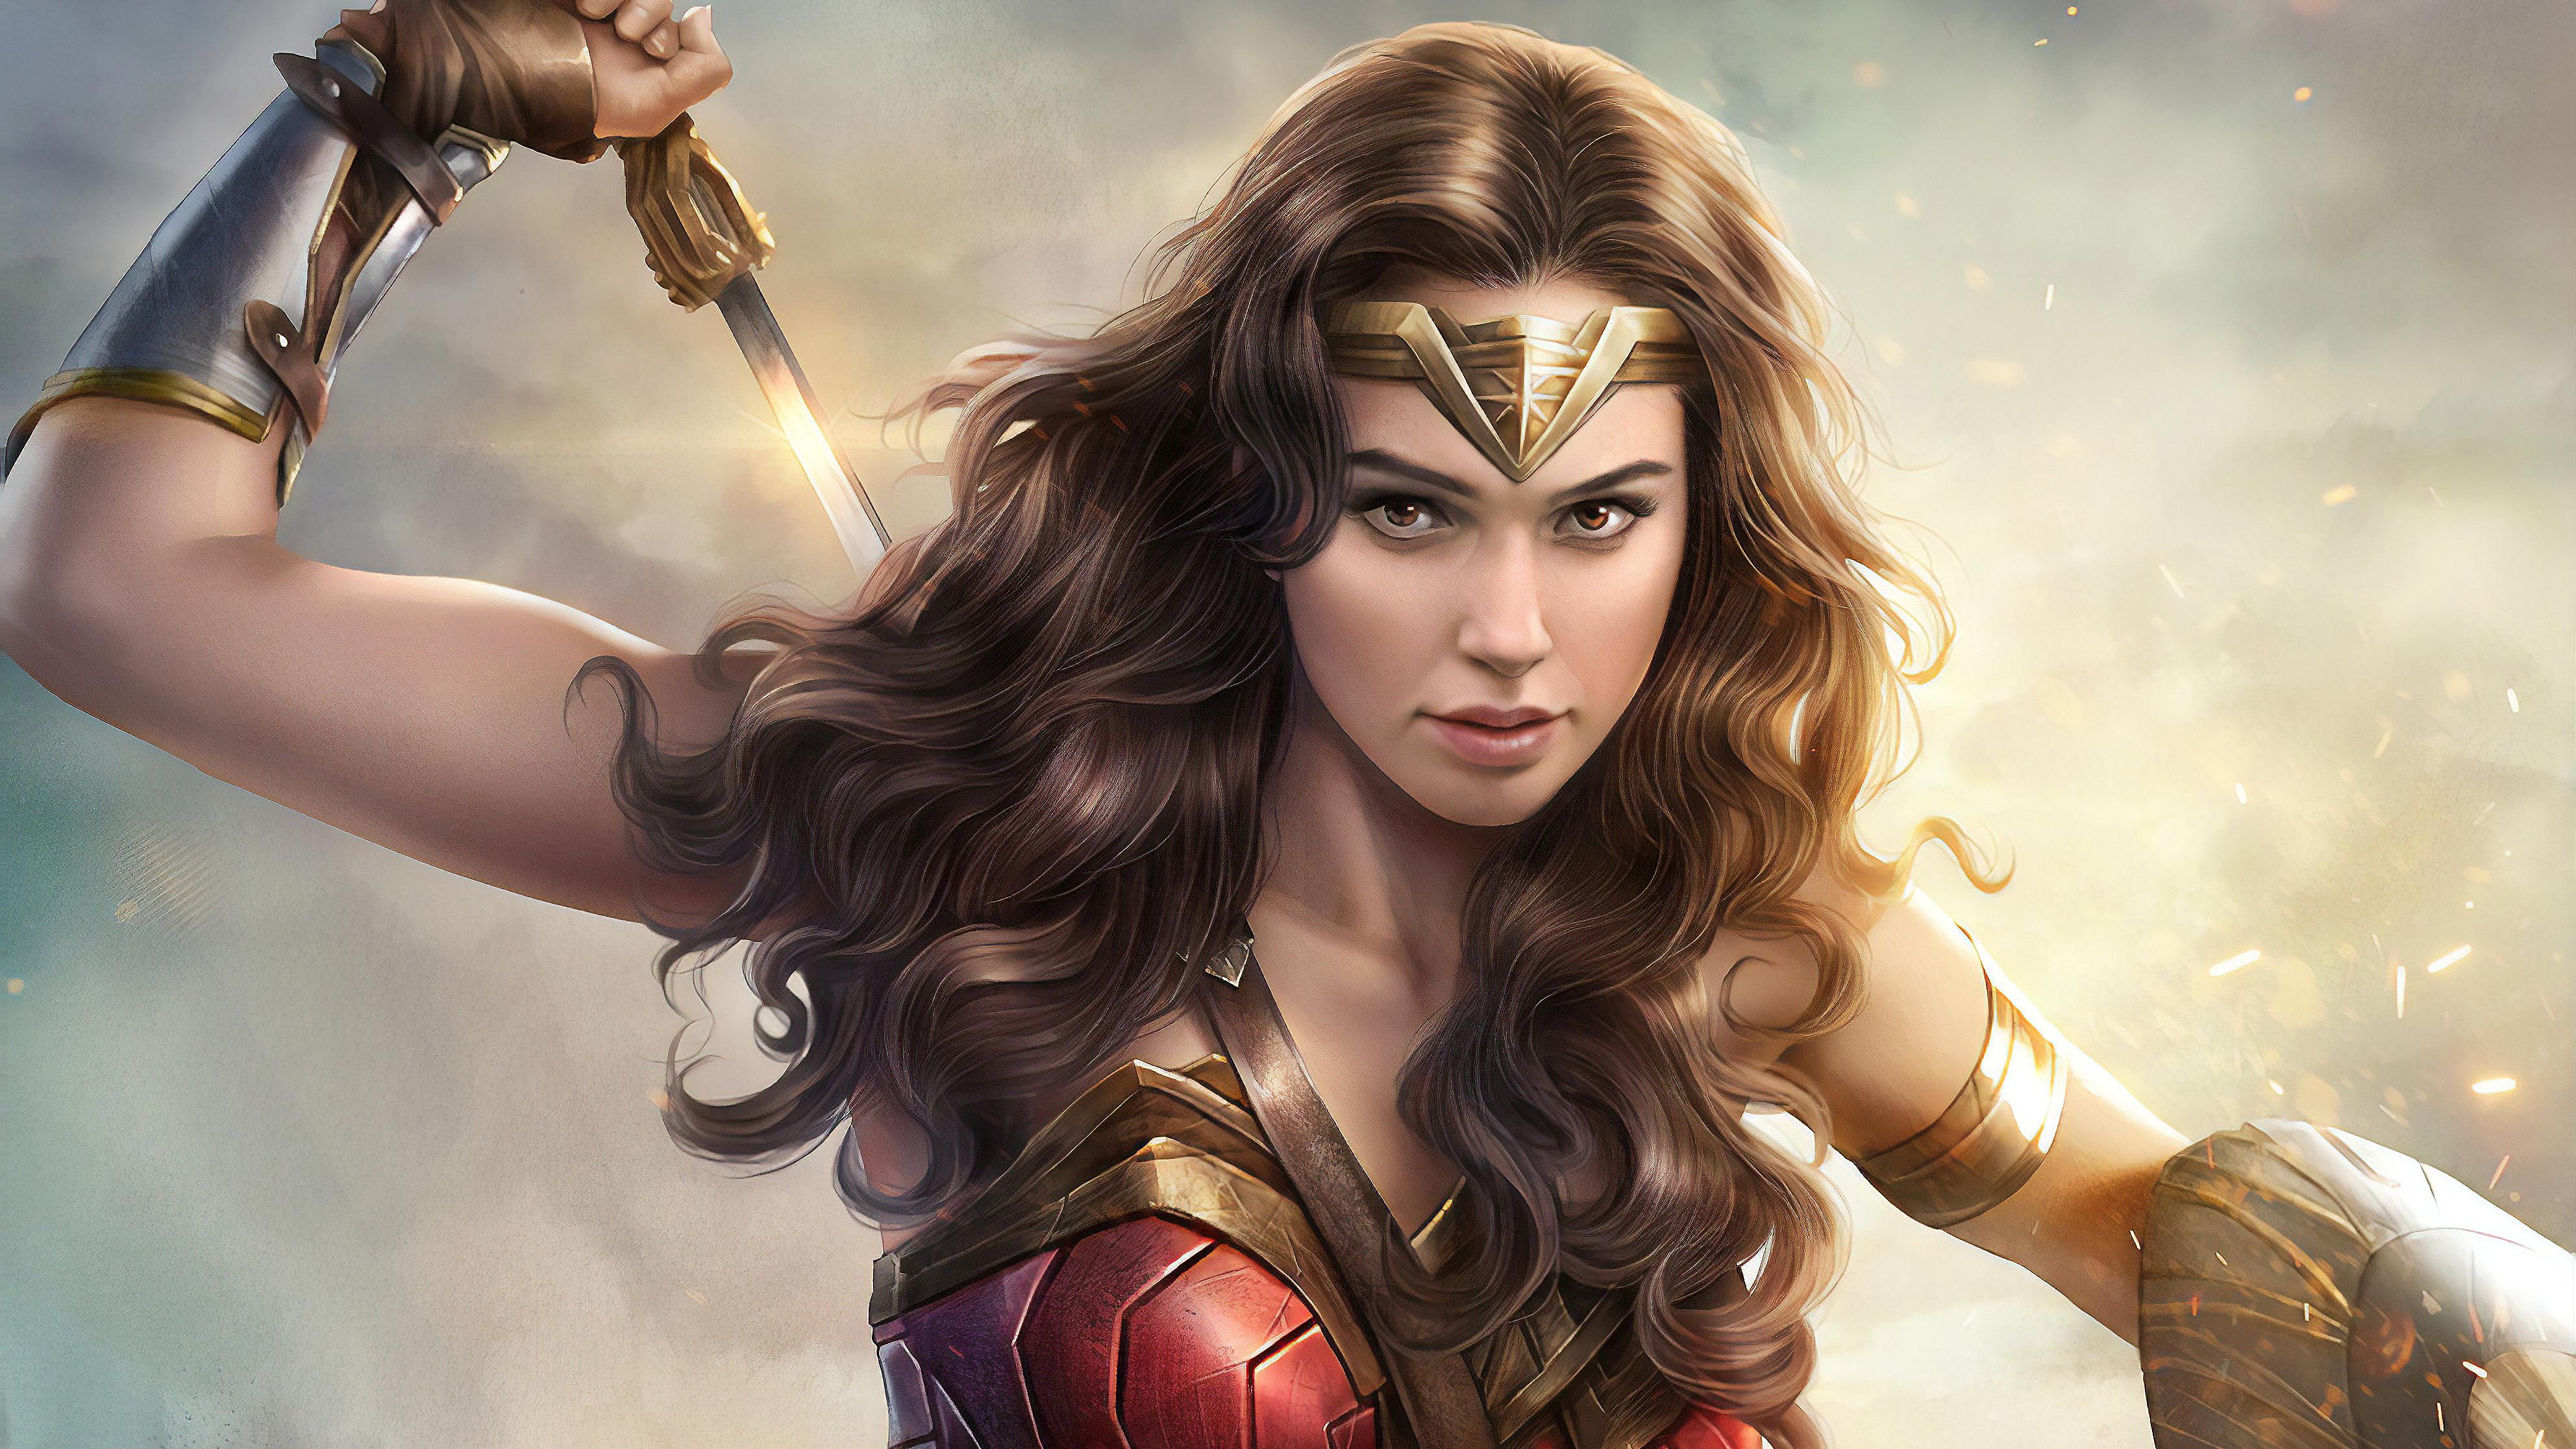 4k Gal Gadot Wonder Woman Hd Superheroes 4k Wallpapers